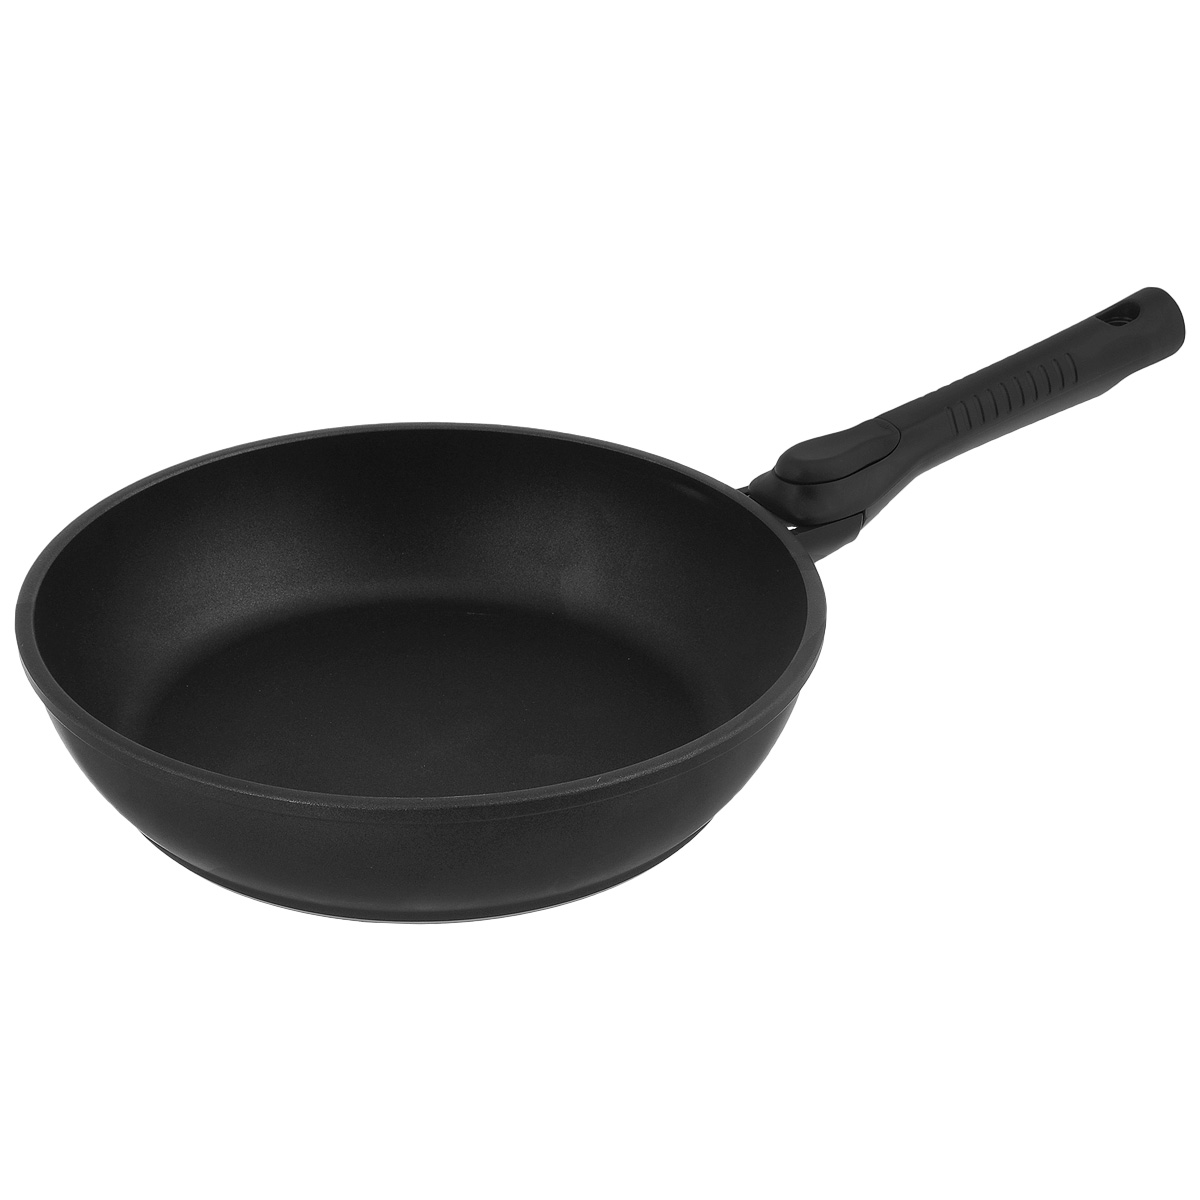 Сковорода литая Нева Металл Посуда Классическая, с антипригарным покрытием, со съемной ручкой, цвет: черный. Диаметр 24 смROUND F24-BСковорода НМП Классическая из литого алюминия, с 4-слойным полимер-керамическим антипригарным покрытием, многофункциональна и удобна в эксплуатации, в ней можно жарить, тушить и томить. Отлично подходит для приготовления гарниров и блюд с большим количеством ингредиентов. Эргономичная ручка - съемная, что позволяет использовать сковороду в духовом шкафу. Благодаря качественному антипригарному покрытию, вы можете готовить с минимальным количеством масла. Особенности посуды серии ТИТАН: - 4-слойная антипригарная полимер-керамическая система ТИТАН является эталоном износостойкости антипригарного покрытия, непревзойденного по сроку службы и длительности сохранения антипригарных свойств, благодаря особому составу, структуре и толщине - в состав системы ТИТАН входят антипригарные слои на водной основе - система ТИТАН традиционно производится без использования PFOA /перфтороктановой кислоты/ - равномерно нагревается за счет особой конструкции корпуса по принципу золотого сечения, толстых стенок и еще более толстого дна - приготовленная еда получается особенно вкусной благодаря специфическим термоаккумулирующим свойствам литого алюминия - подходит для газовых, электрических и стеклокерамических плит. Посуду можно мыть в посудомоечной машине- корпус практически не подвержен деформации даже при сильном нагреве - изделия проходят тесты по условному циклу приготовления: нагрев до 220°С, охлаждение, истирание губкой с 5%-раствором моющего средства. Сковороды с покрытием ТИТАН выдерживают более 4000 таких циклов.Диаметр: 24 см.Высота стенки: 6 см. Толщина стенки: 4 мм.Толщина дна: 6 мм.Длина ручки: 20 см.